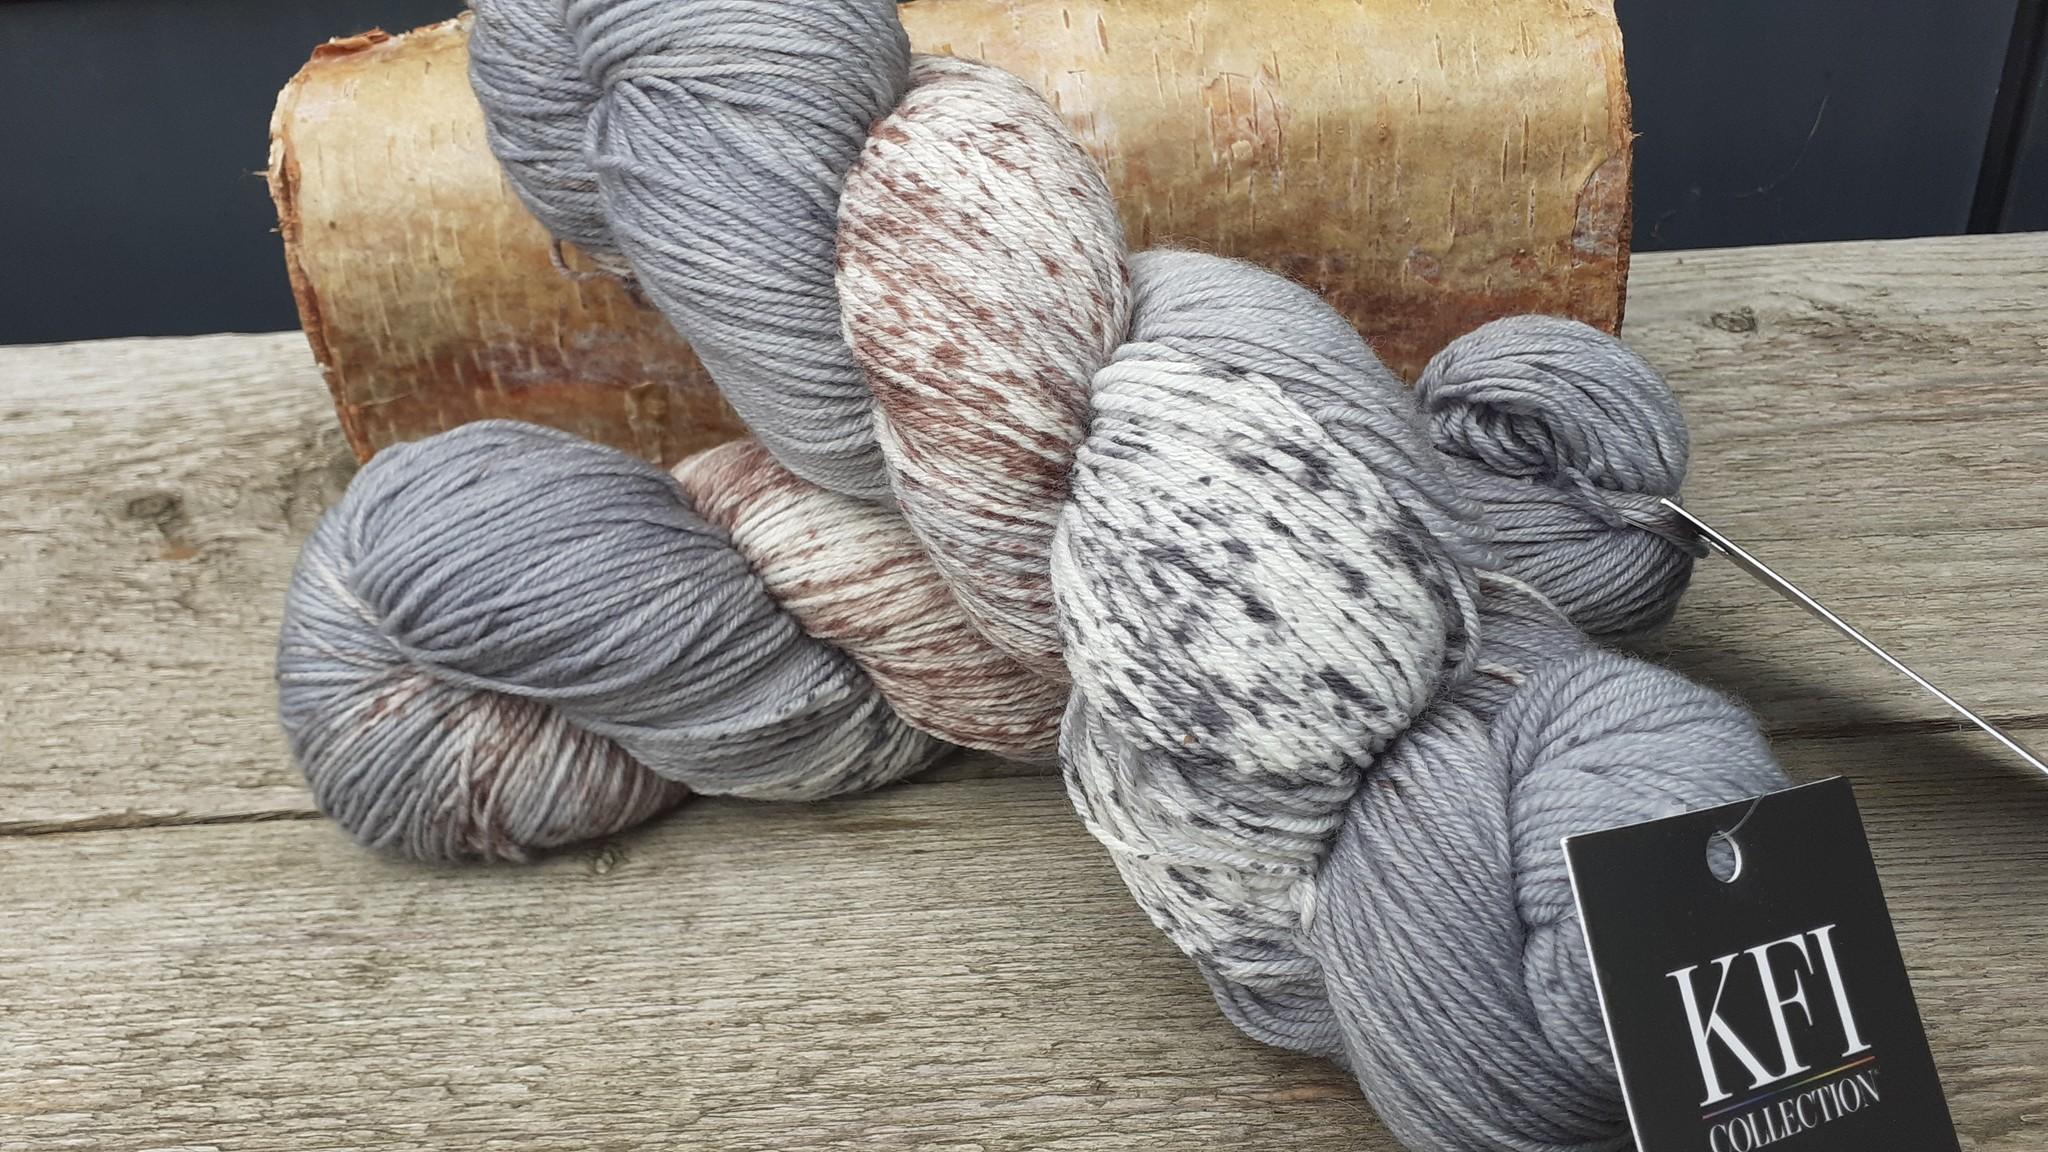 Knitting Fever Indulgance FIngering Handdyed - 01 - Fort de Pierre